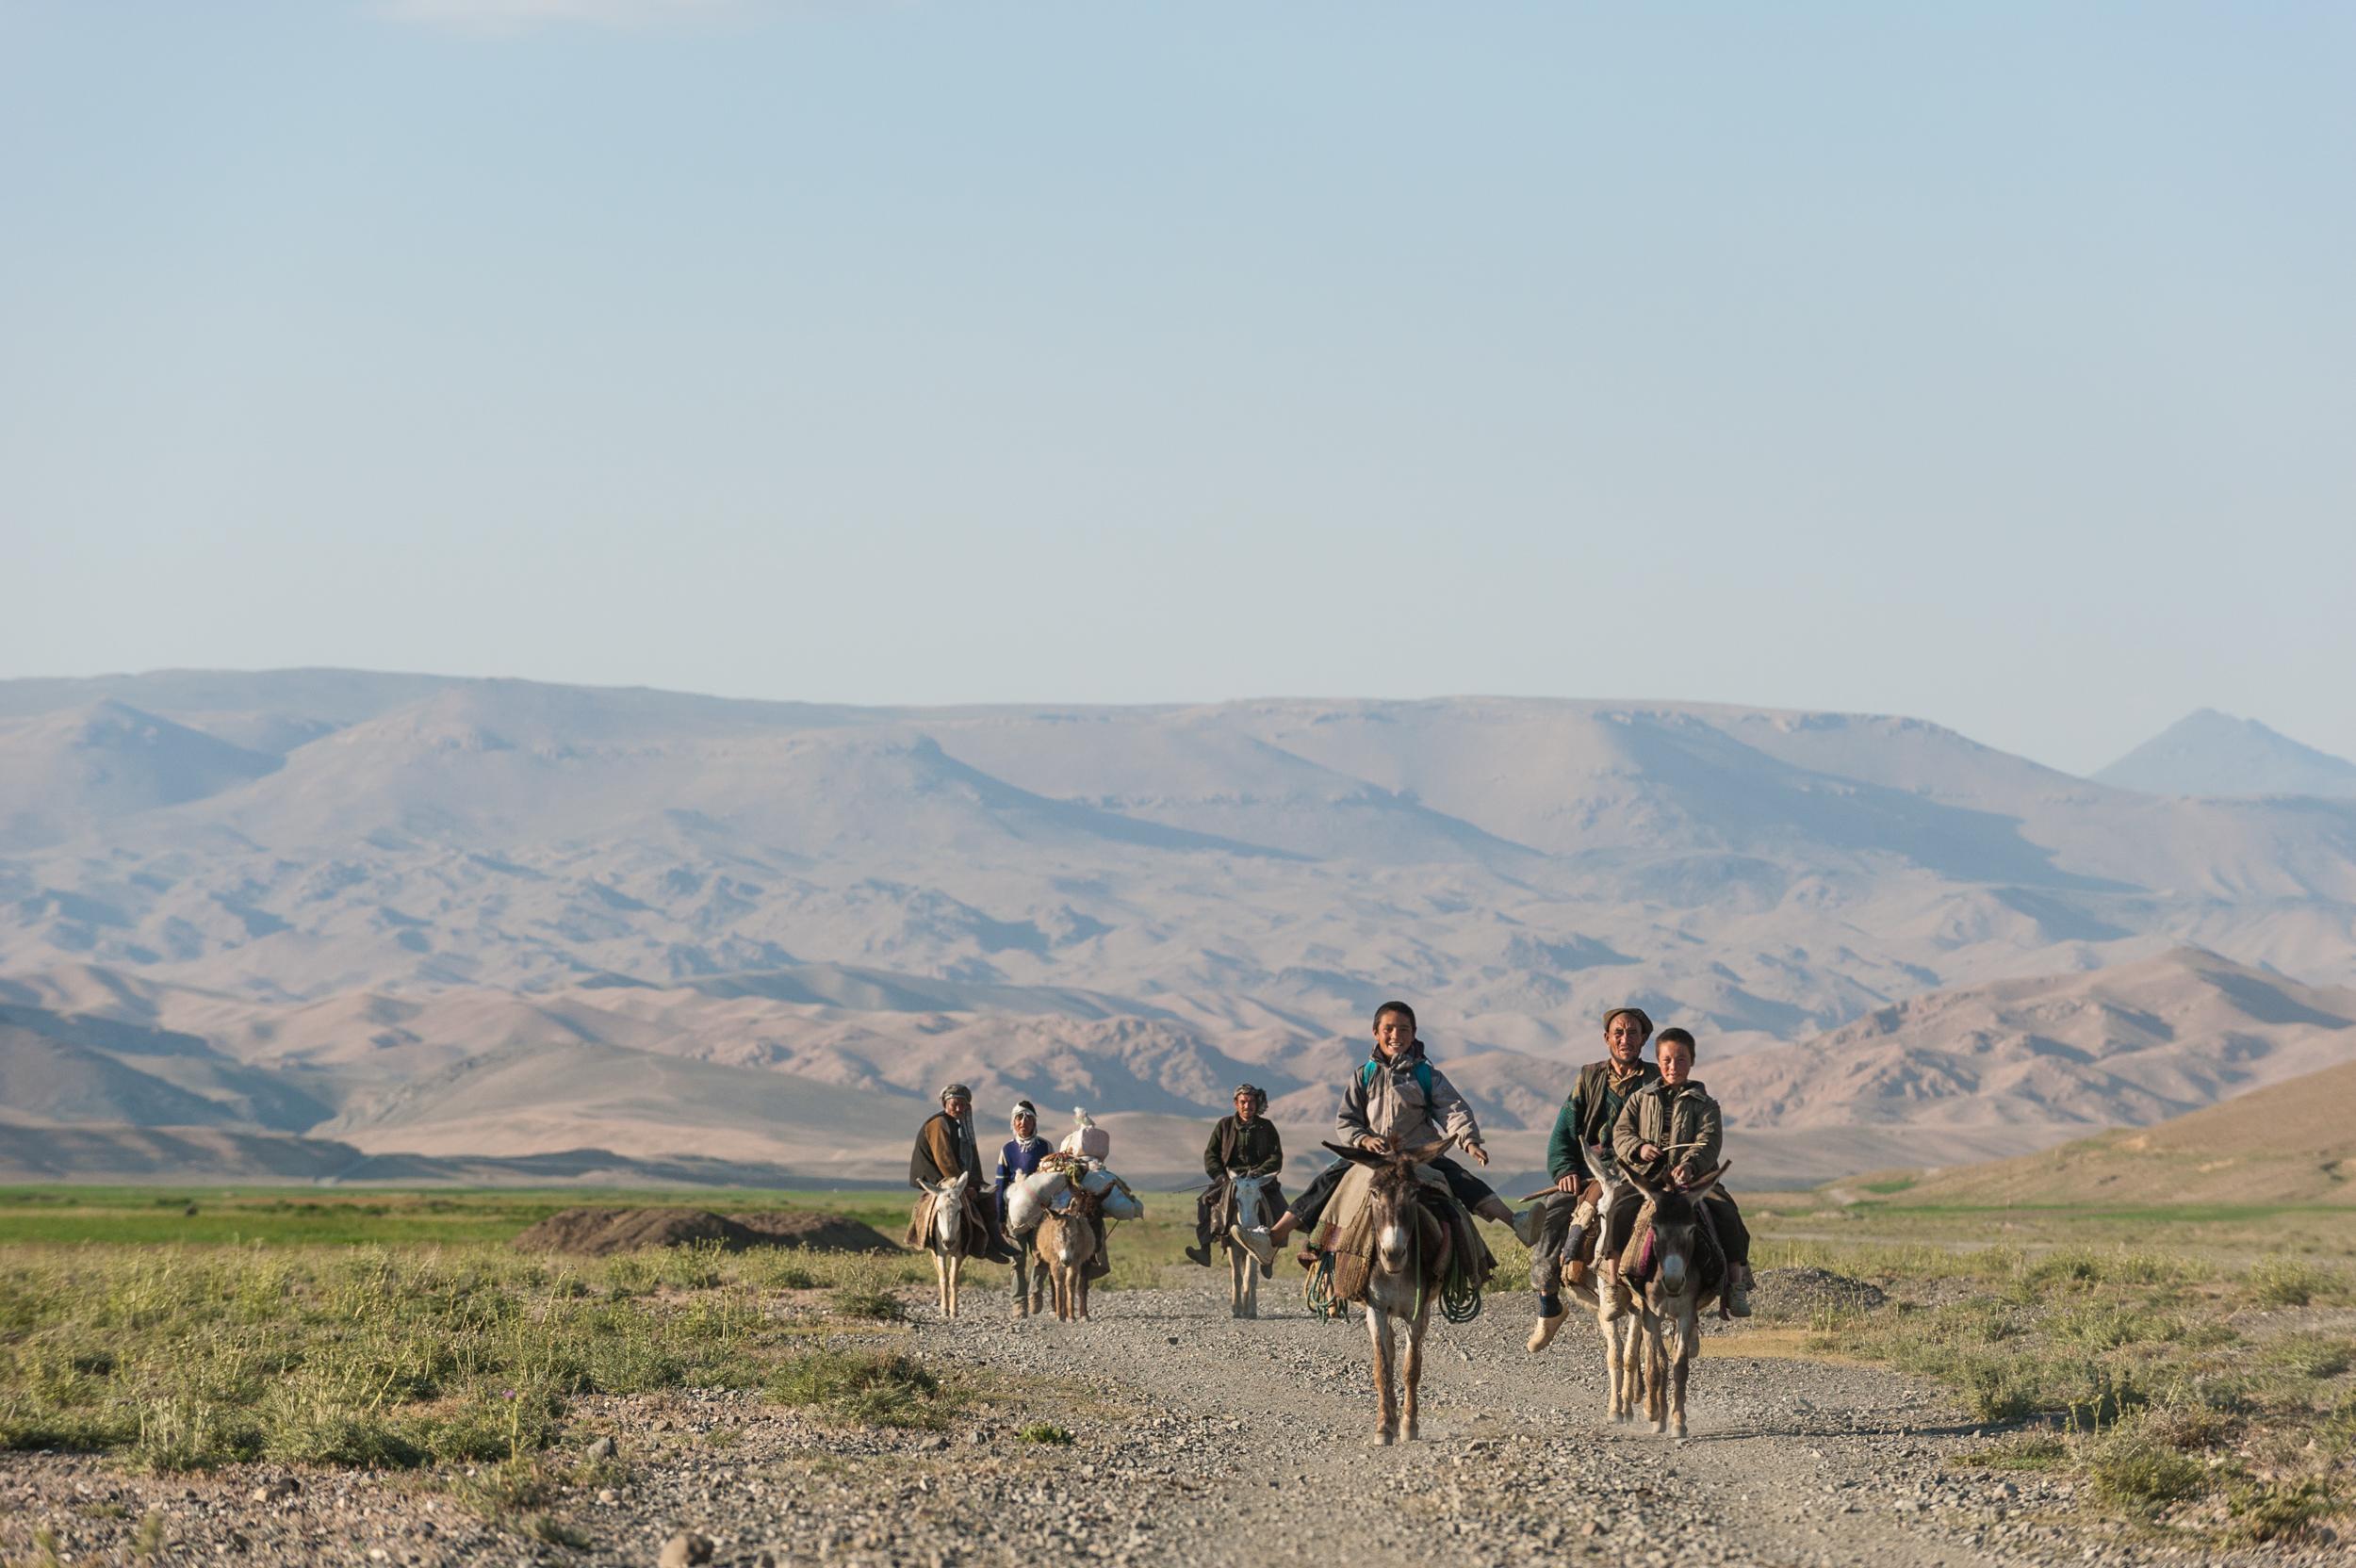 Afgans on donkeys _DSC7689.jpg